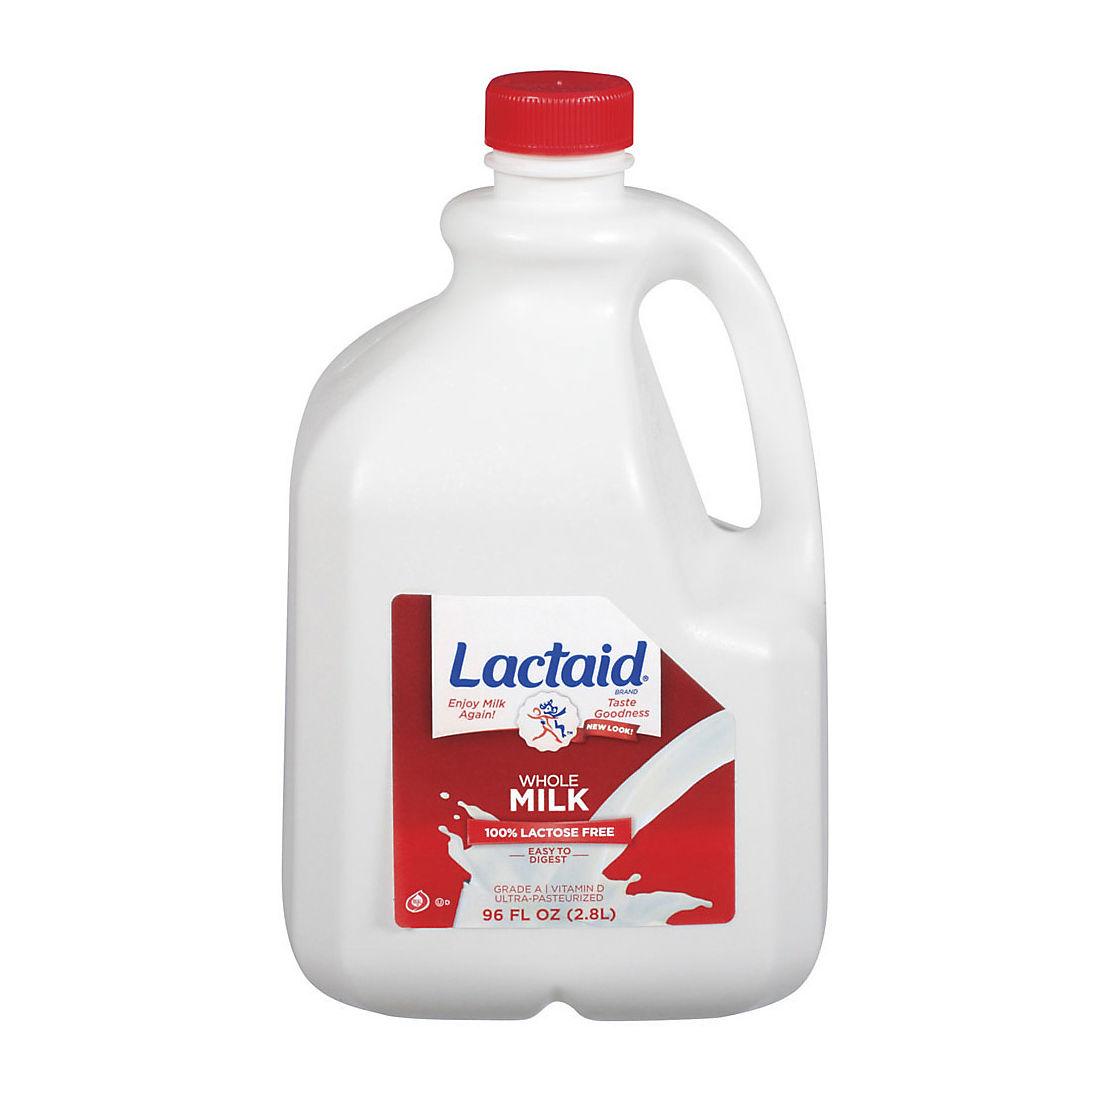 Lactaid Whole Milk 96 Oz Bjs Wholesale Club